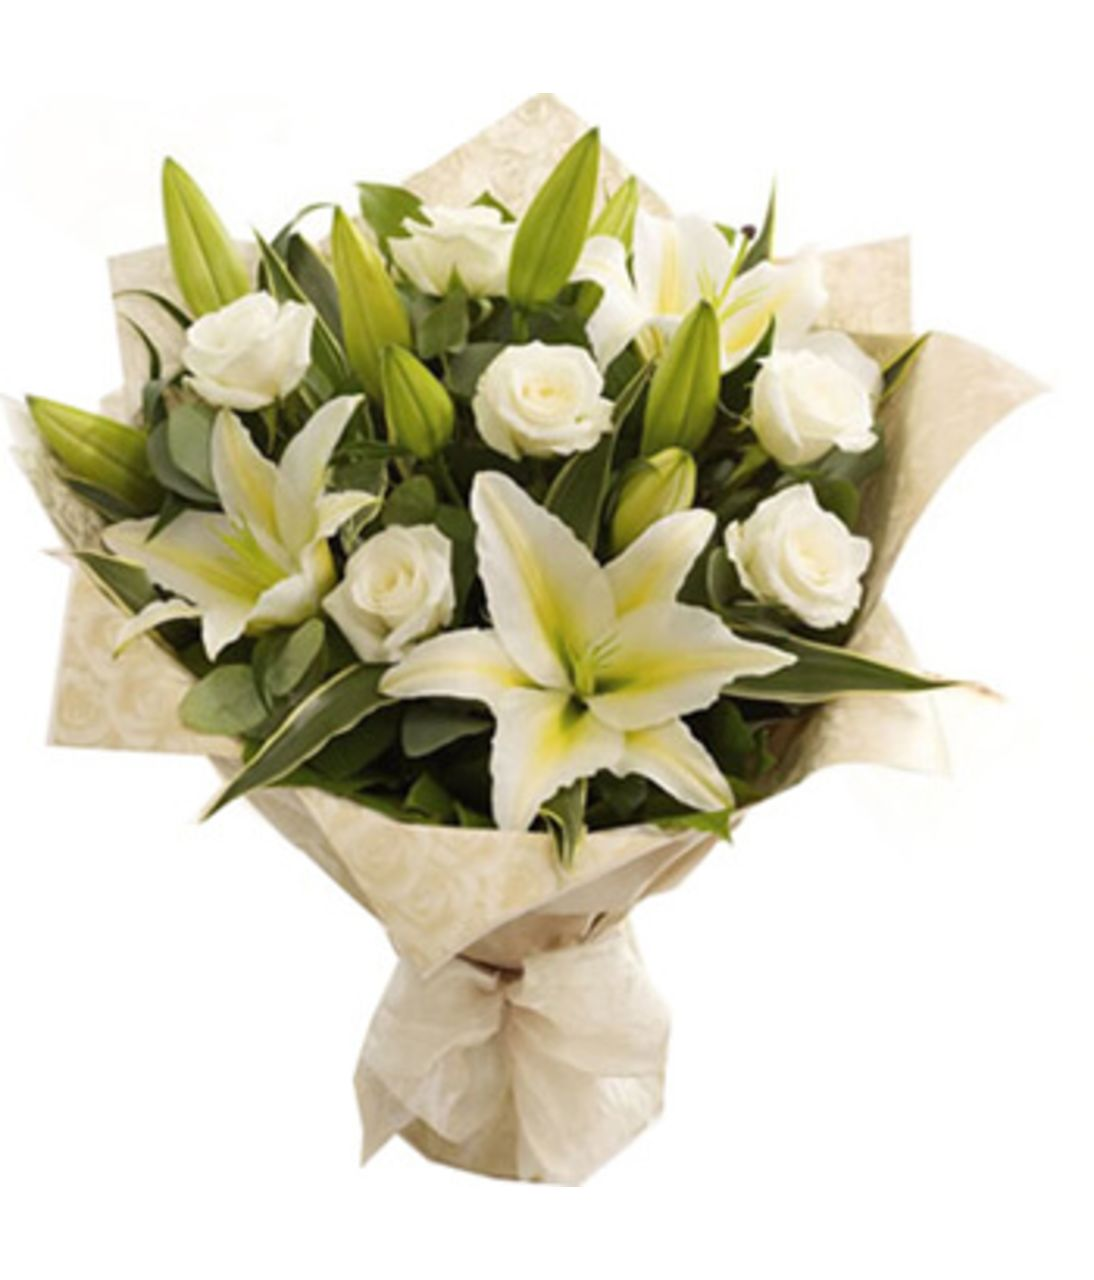 Букет микс из лилий и роз. Superflowers.com.ua